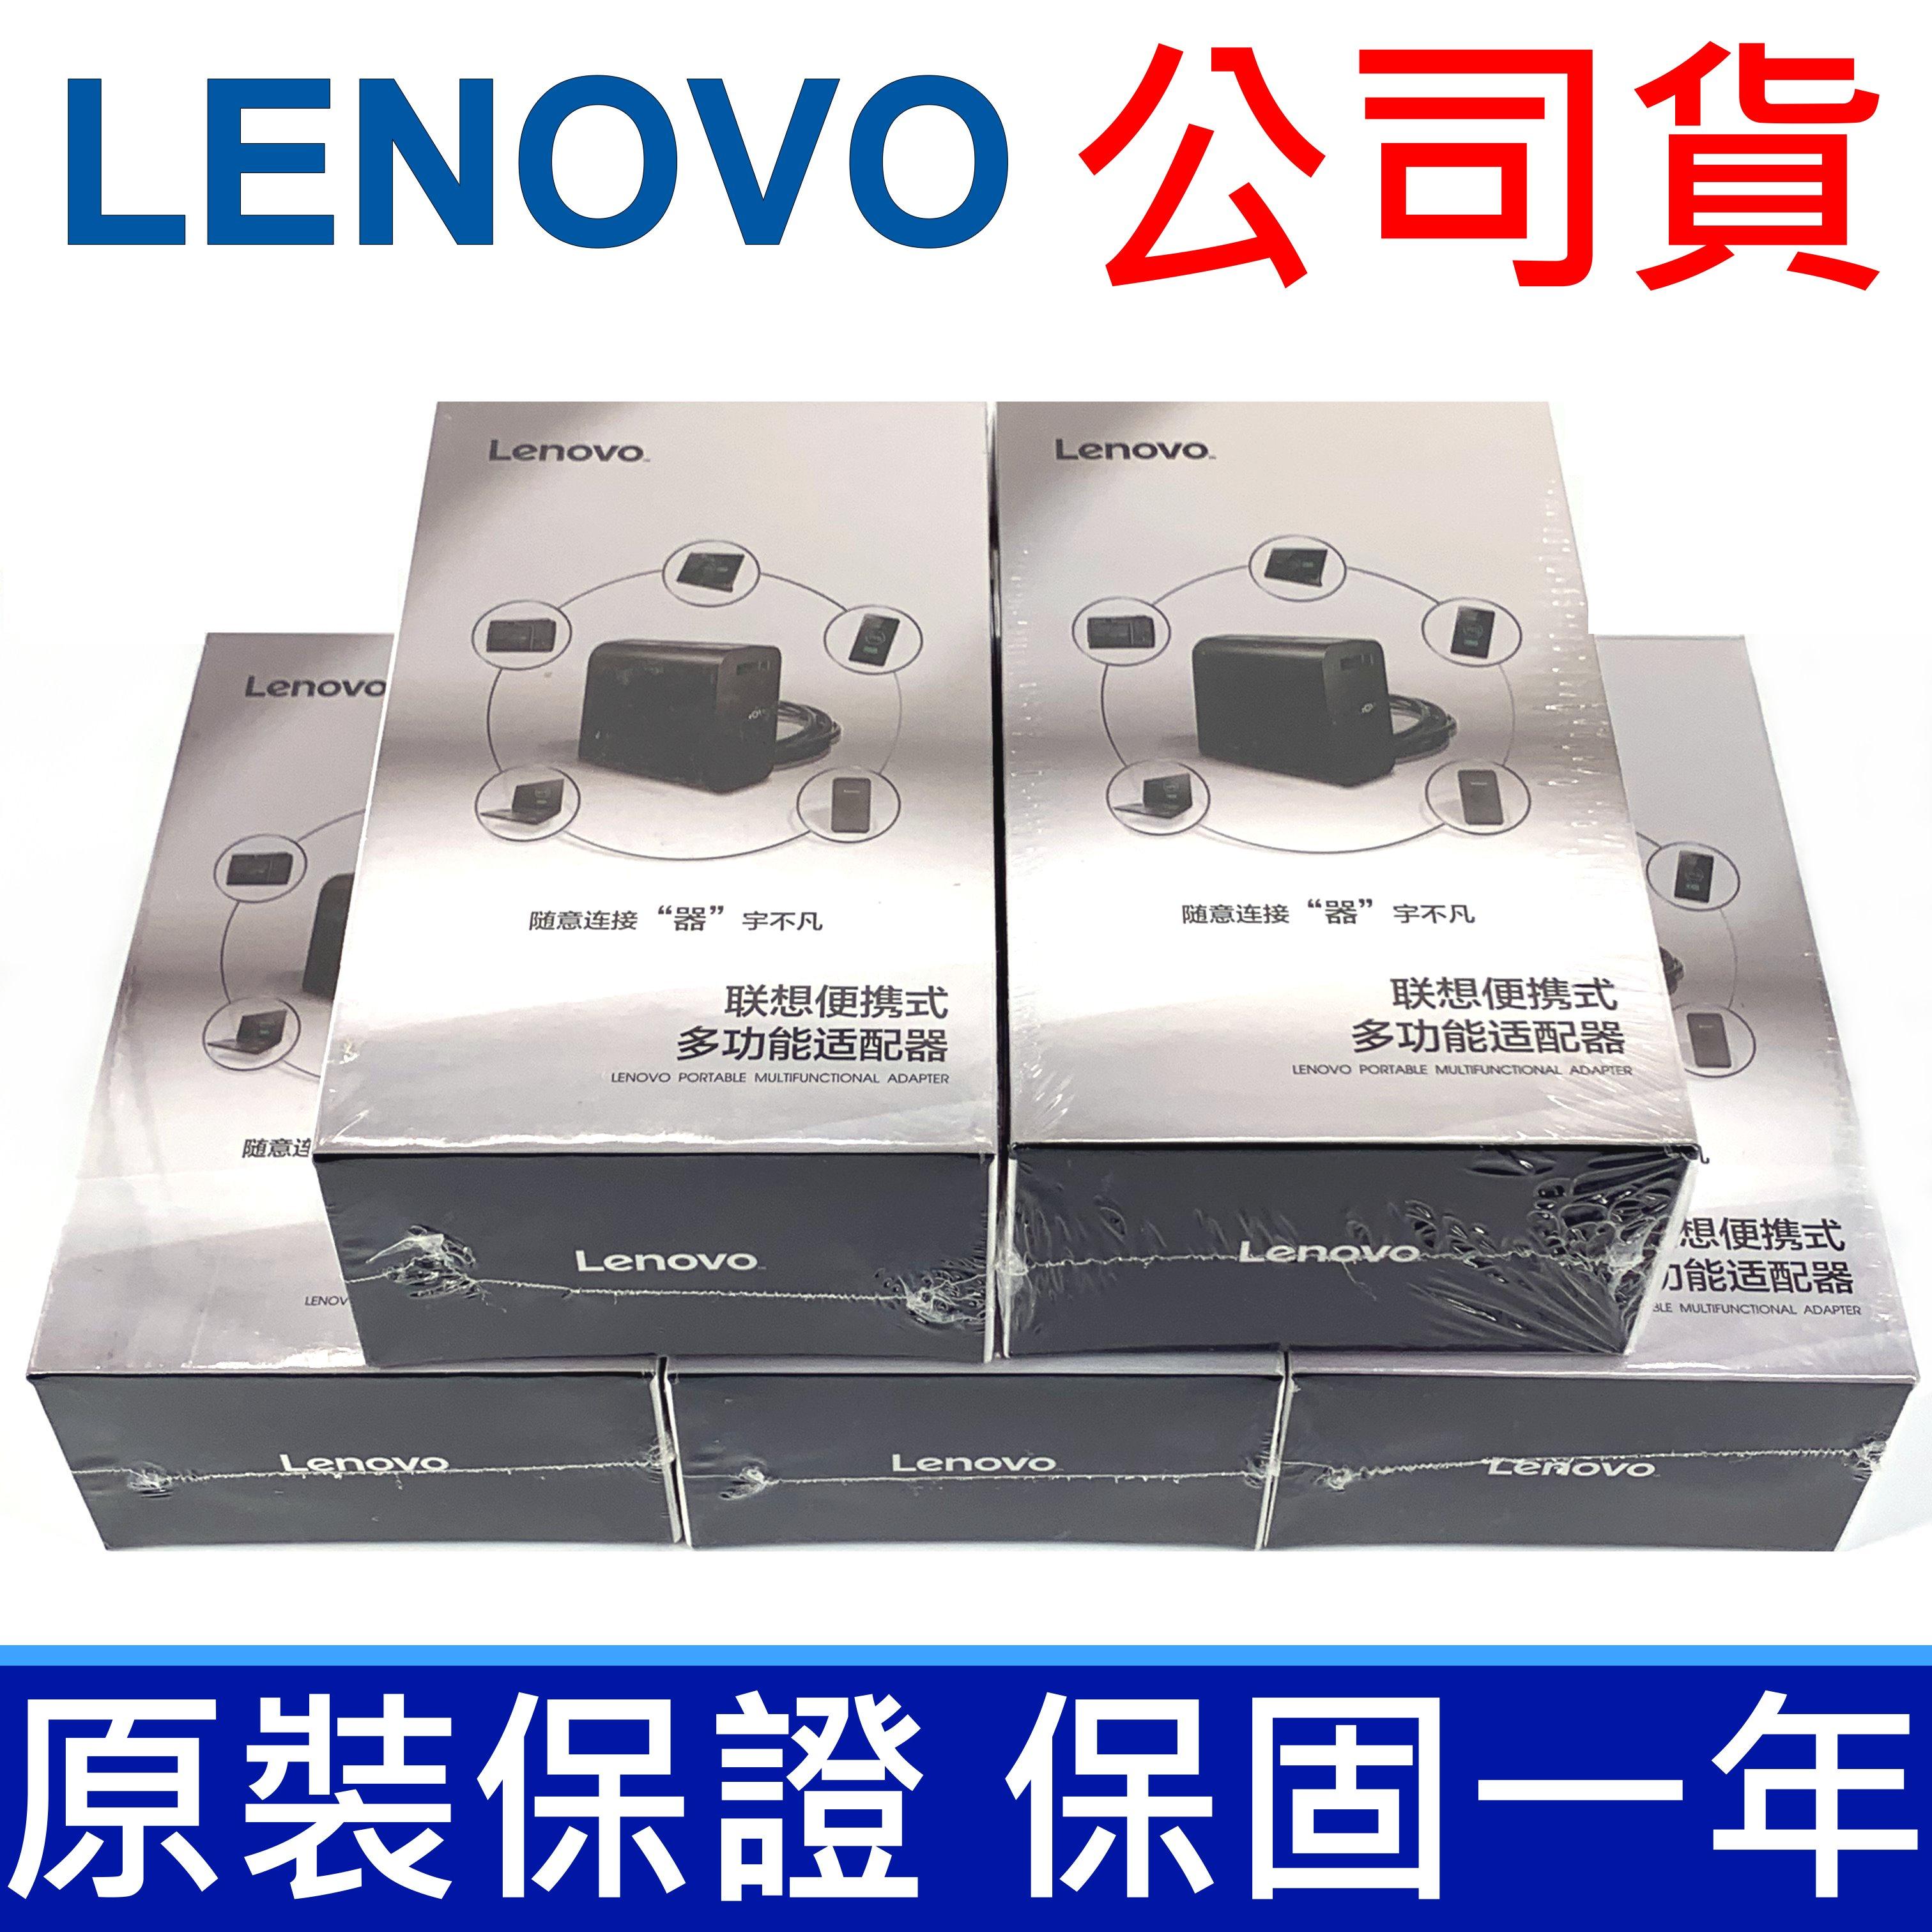 攜便型 原廠 Lenovo 65W 變壓器 旅行組 2.5*5.5mm E390 E420 E360 E290 E280 E255 E260 K41 K41A G475 G480 G470 G465 G770E G770AH G780 G770L U330 U350 U310 U300s V470c V475 V480 V470 Y430 Y450 Y450G Y450A Y730A Z580 Z585 Z575 Z570 Z565 ADL65WCA